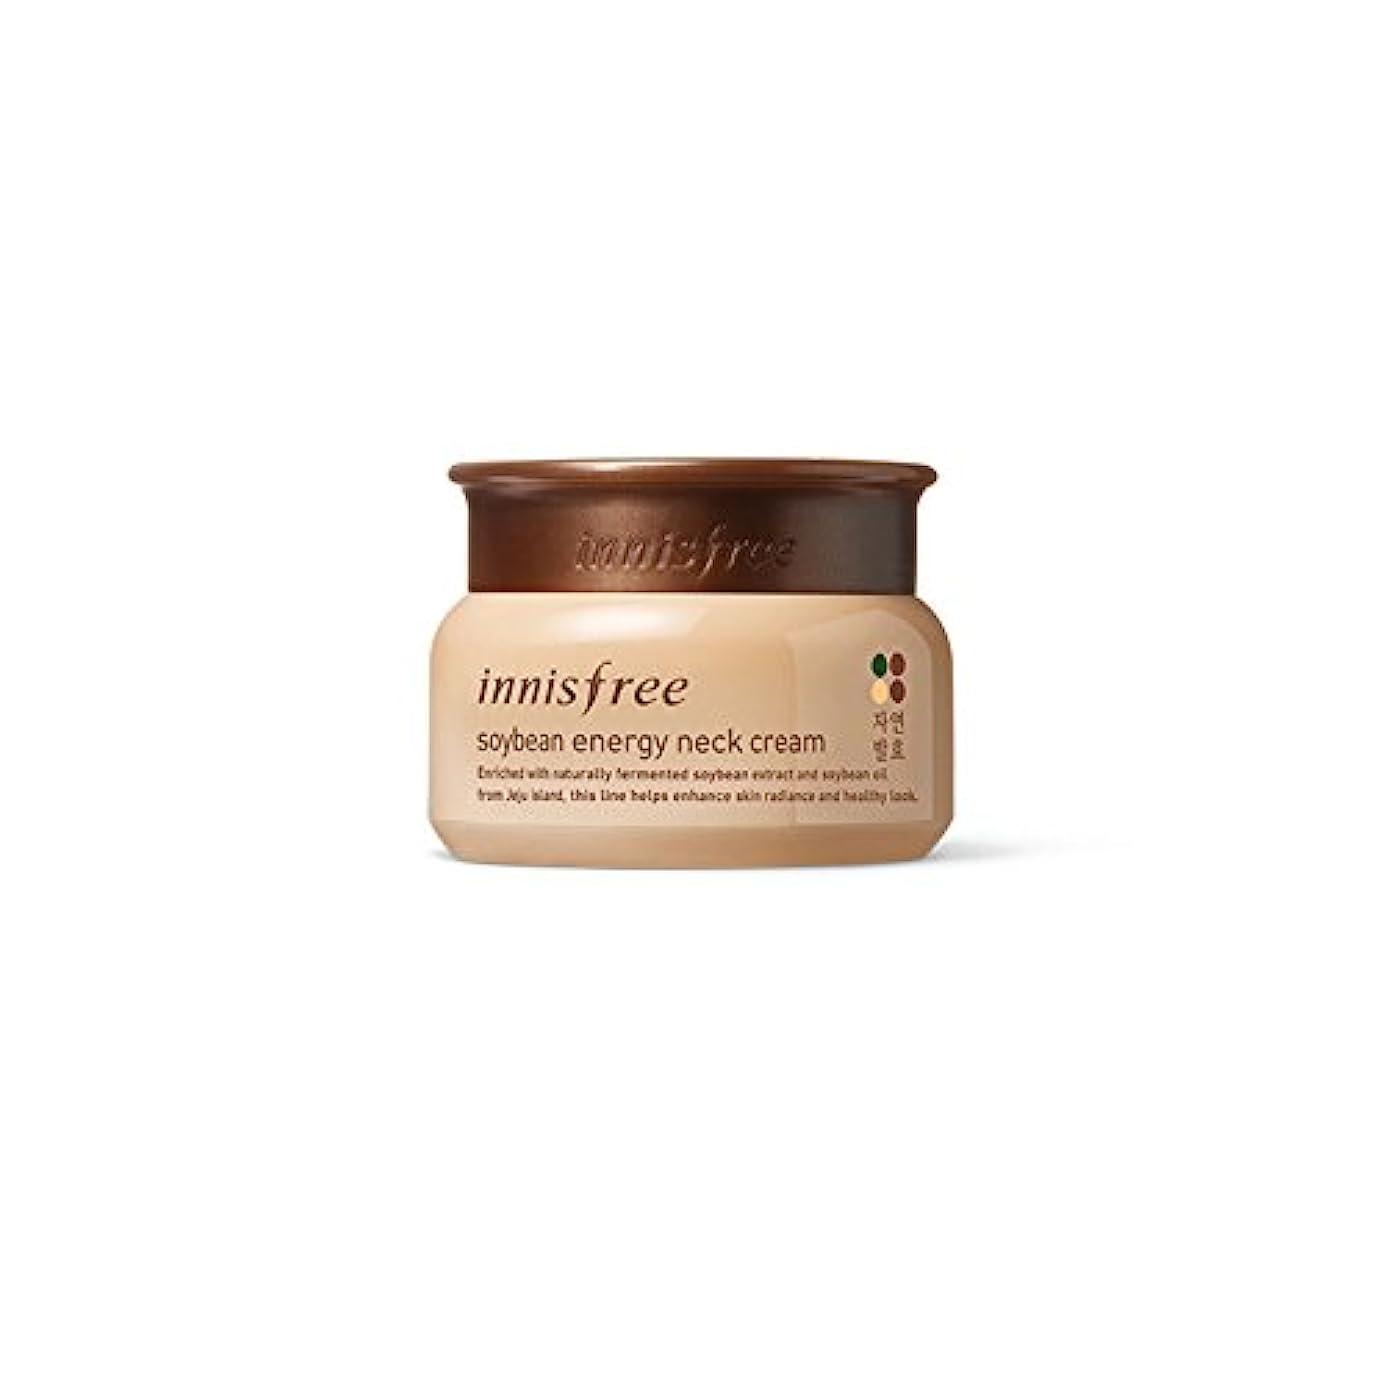 ラップ上げるシーン[イニスフリー] Innisfree 発酵大豆エネジネッククリーム (80ml) Innisfree Soy Bean Energy Neck Cream (80ml) [海外直送品]